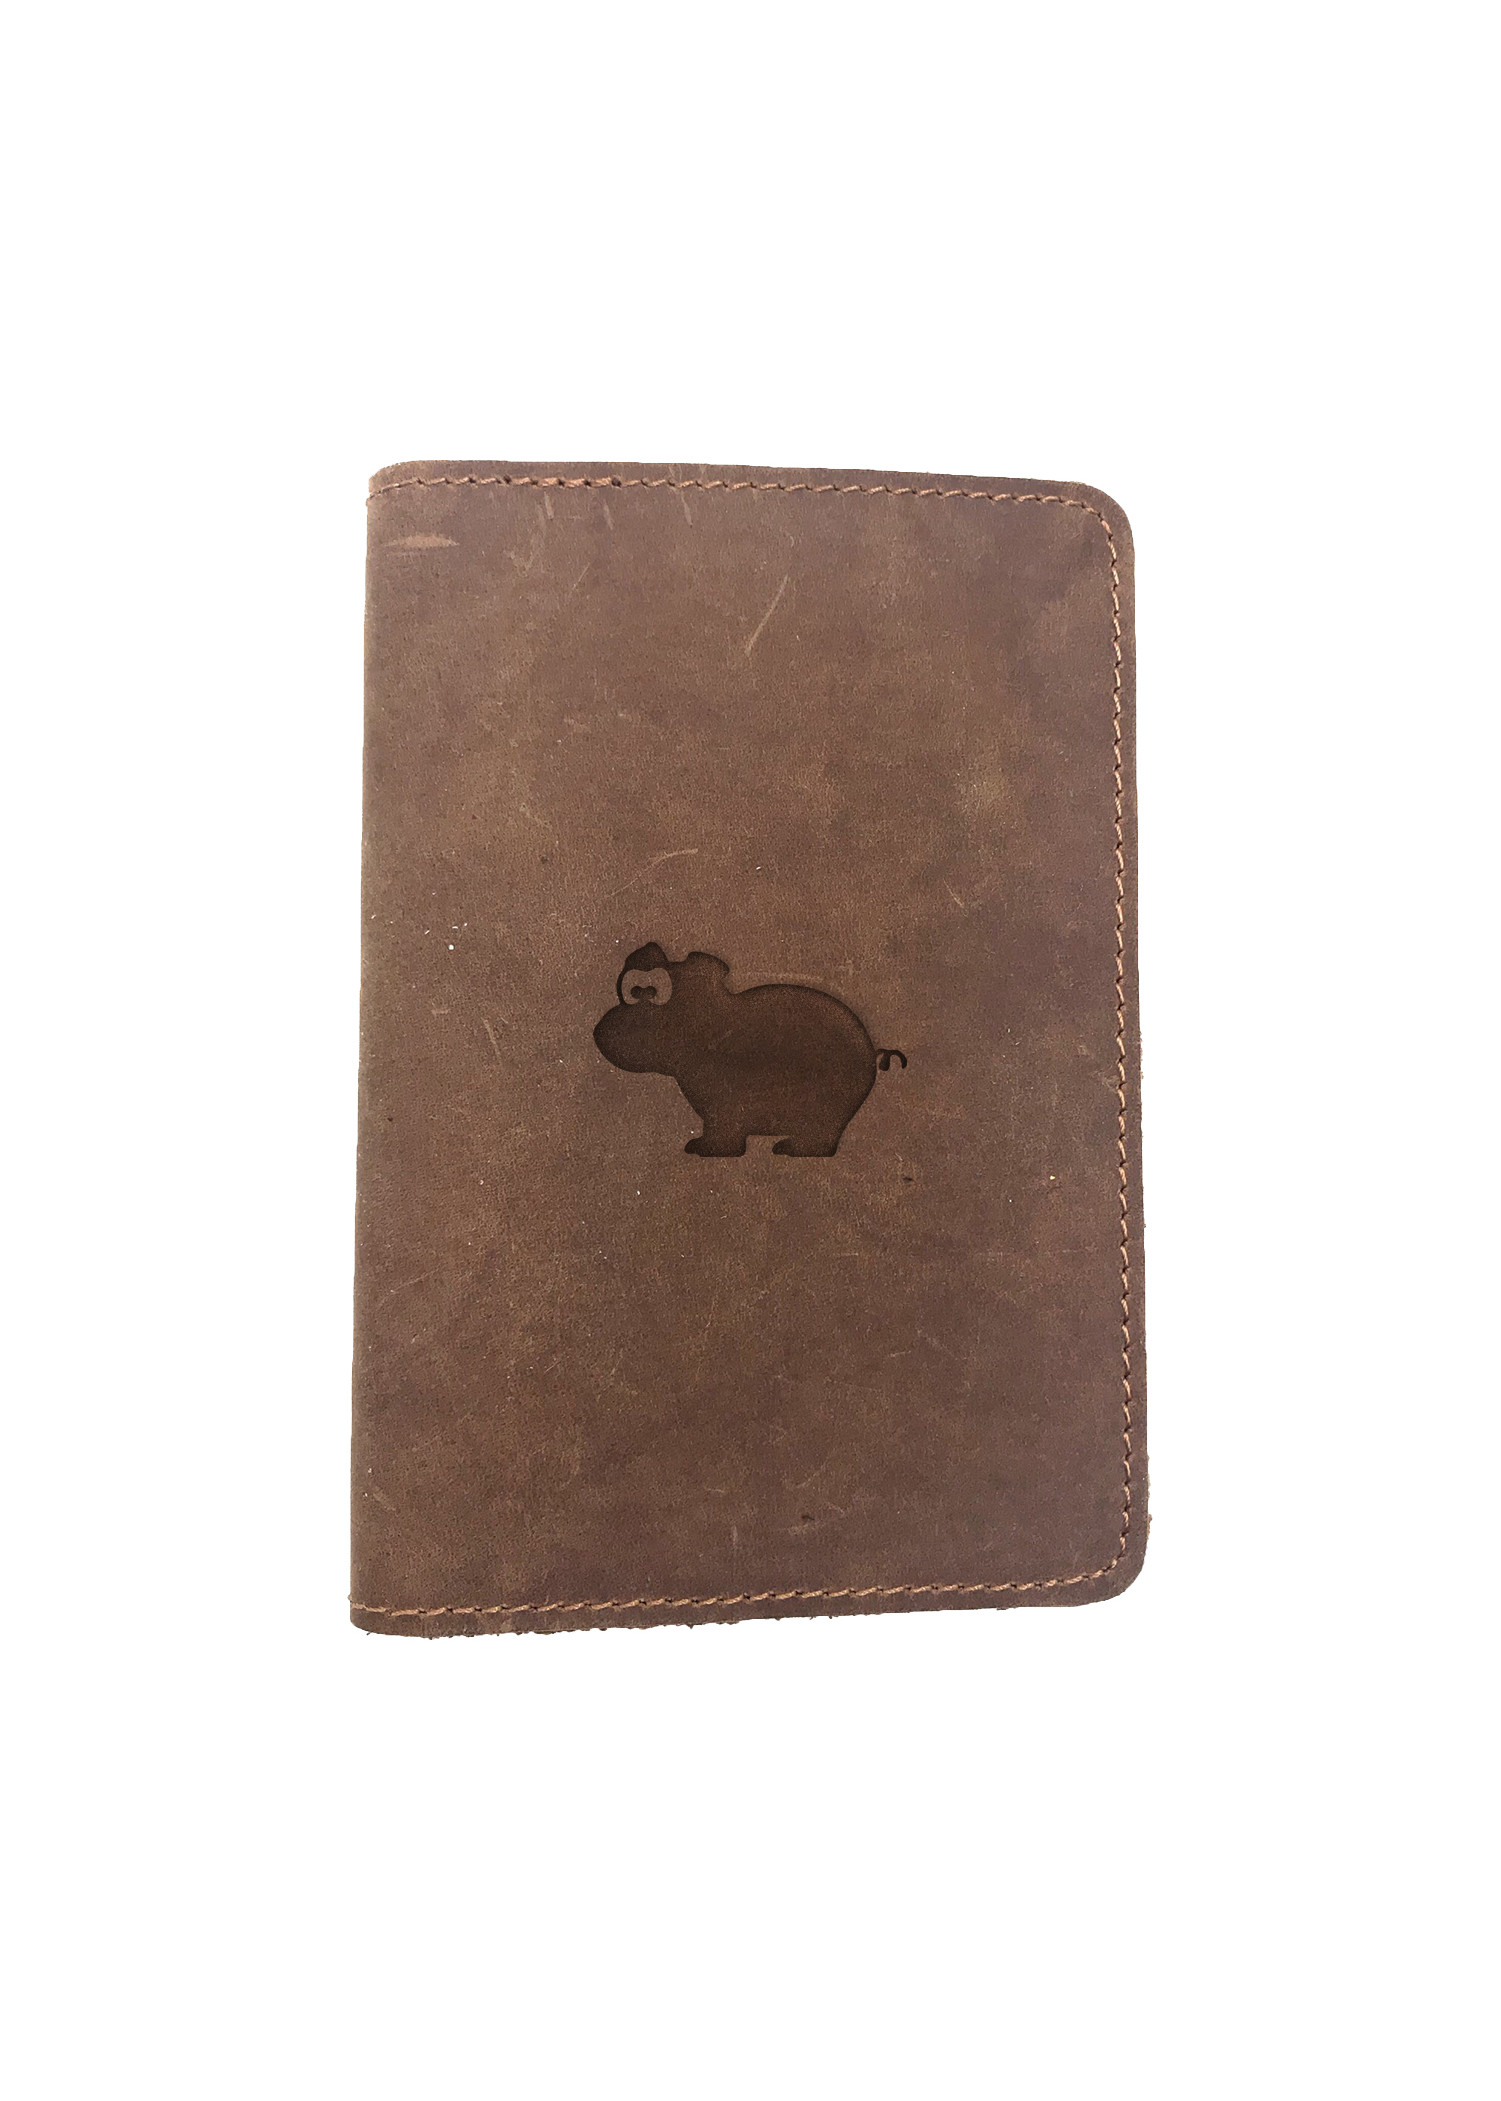 Passport Cover Bao Da Hộ Chiếu Da Sáp Khắc Hình Heo PIG WITH BIG EYES (BROWN)